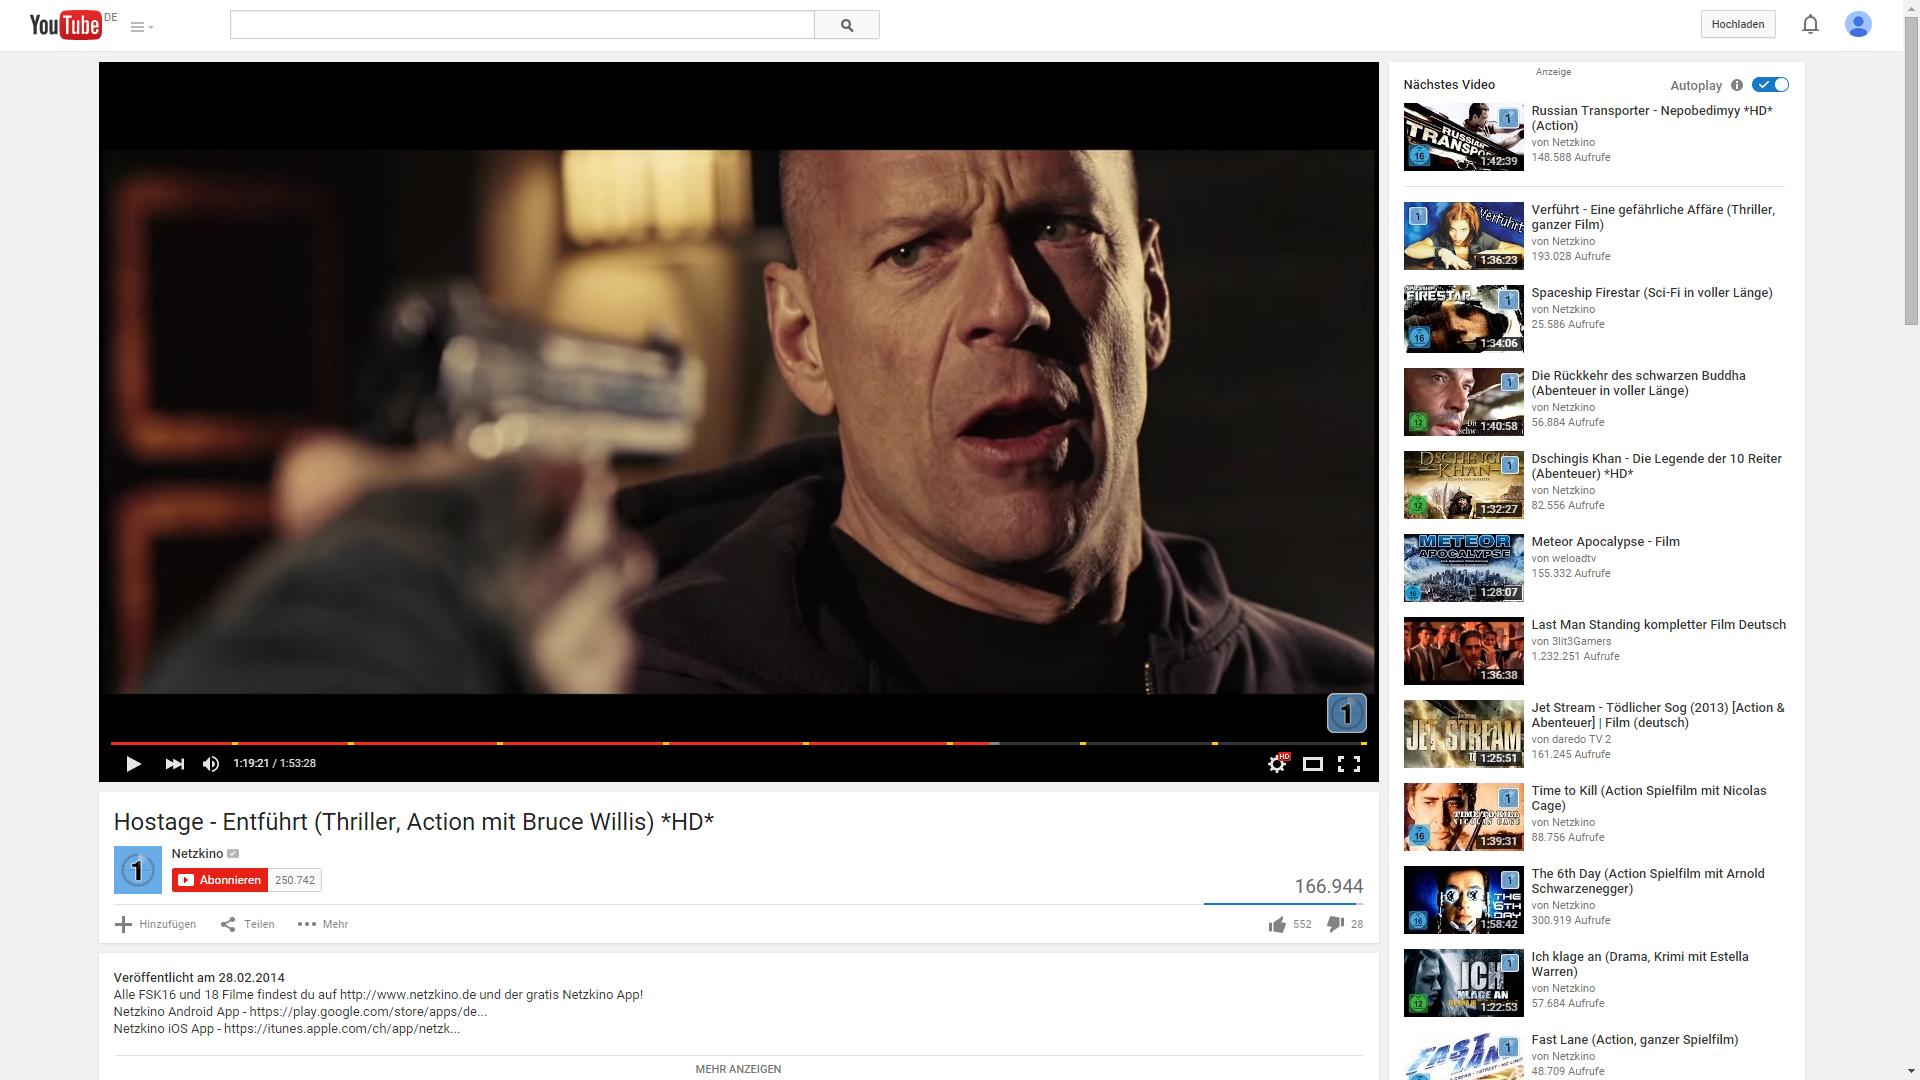 520310c2d89 Mit täglich über 250.000 Filmabrufen ist Netzkino der größte  deutschsprachige Spielfilmkanal auf YouTube.